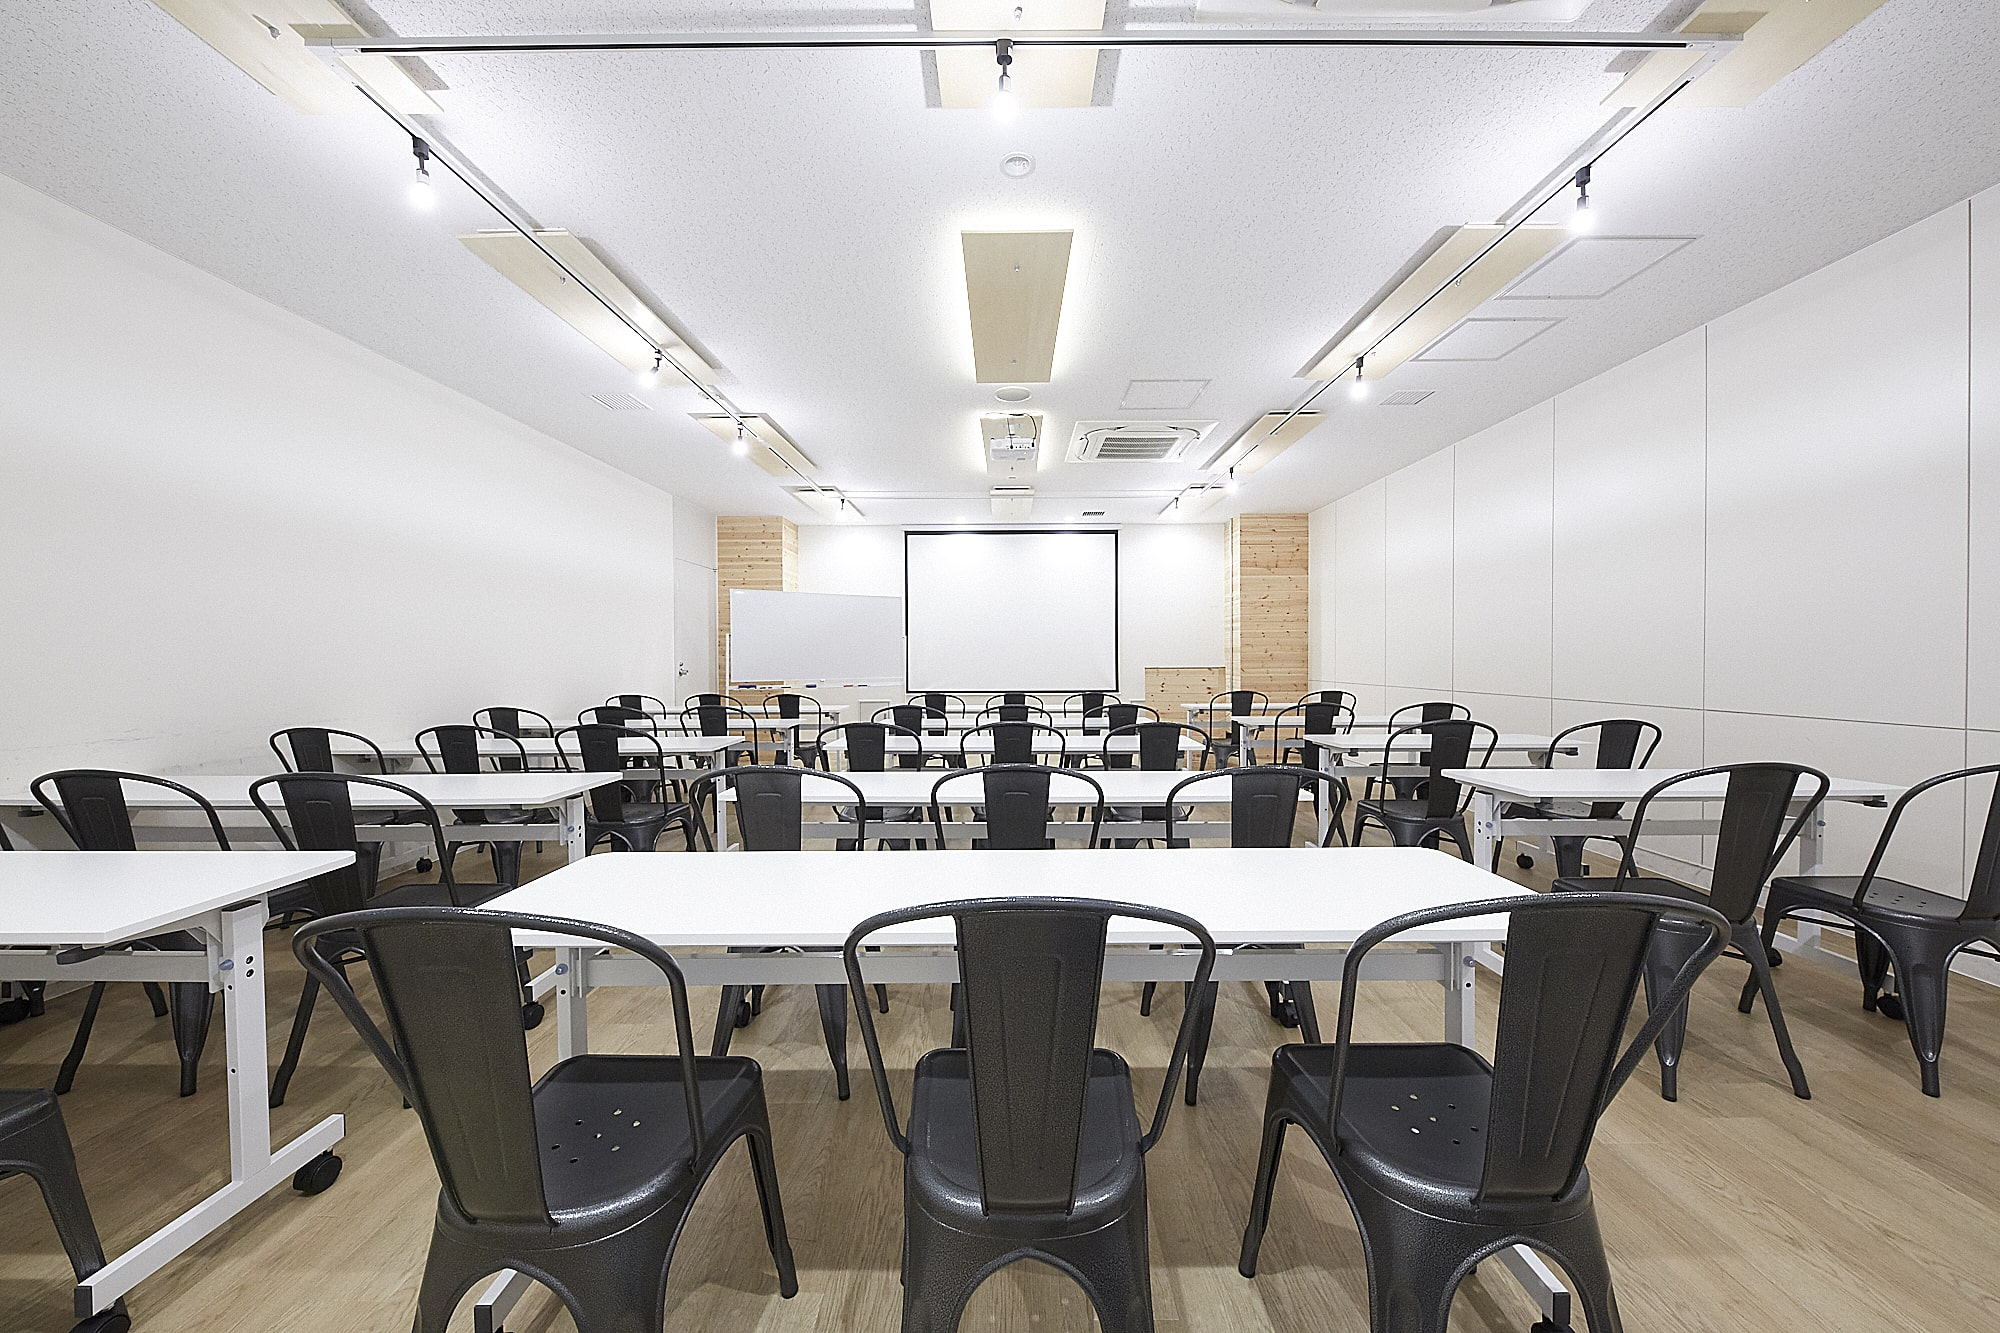 品川駅から徒歩4分のお洒落な会議室!みんなの会議室品川A・品川B|TIME SHARING|タイムシェアリング|スペースマネジメント|あどばる|adval|SHARING